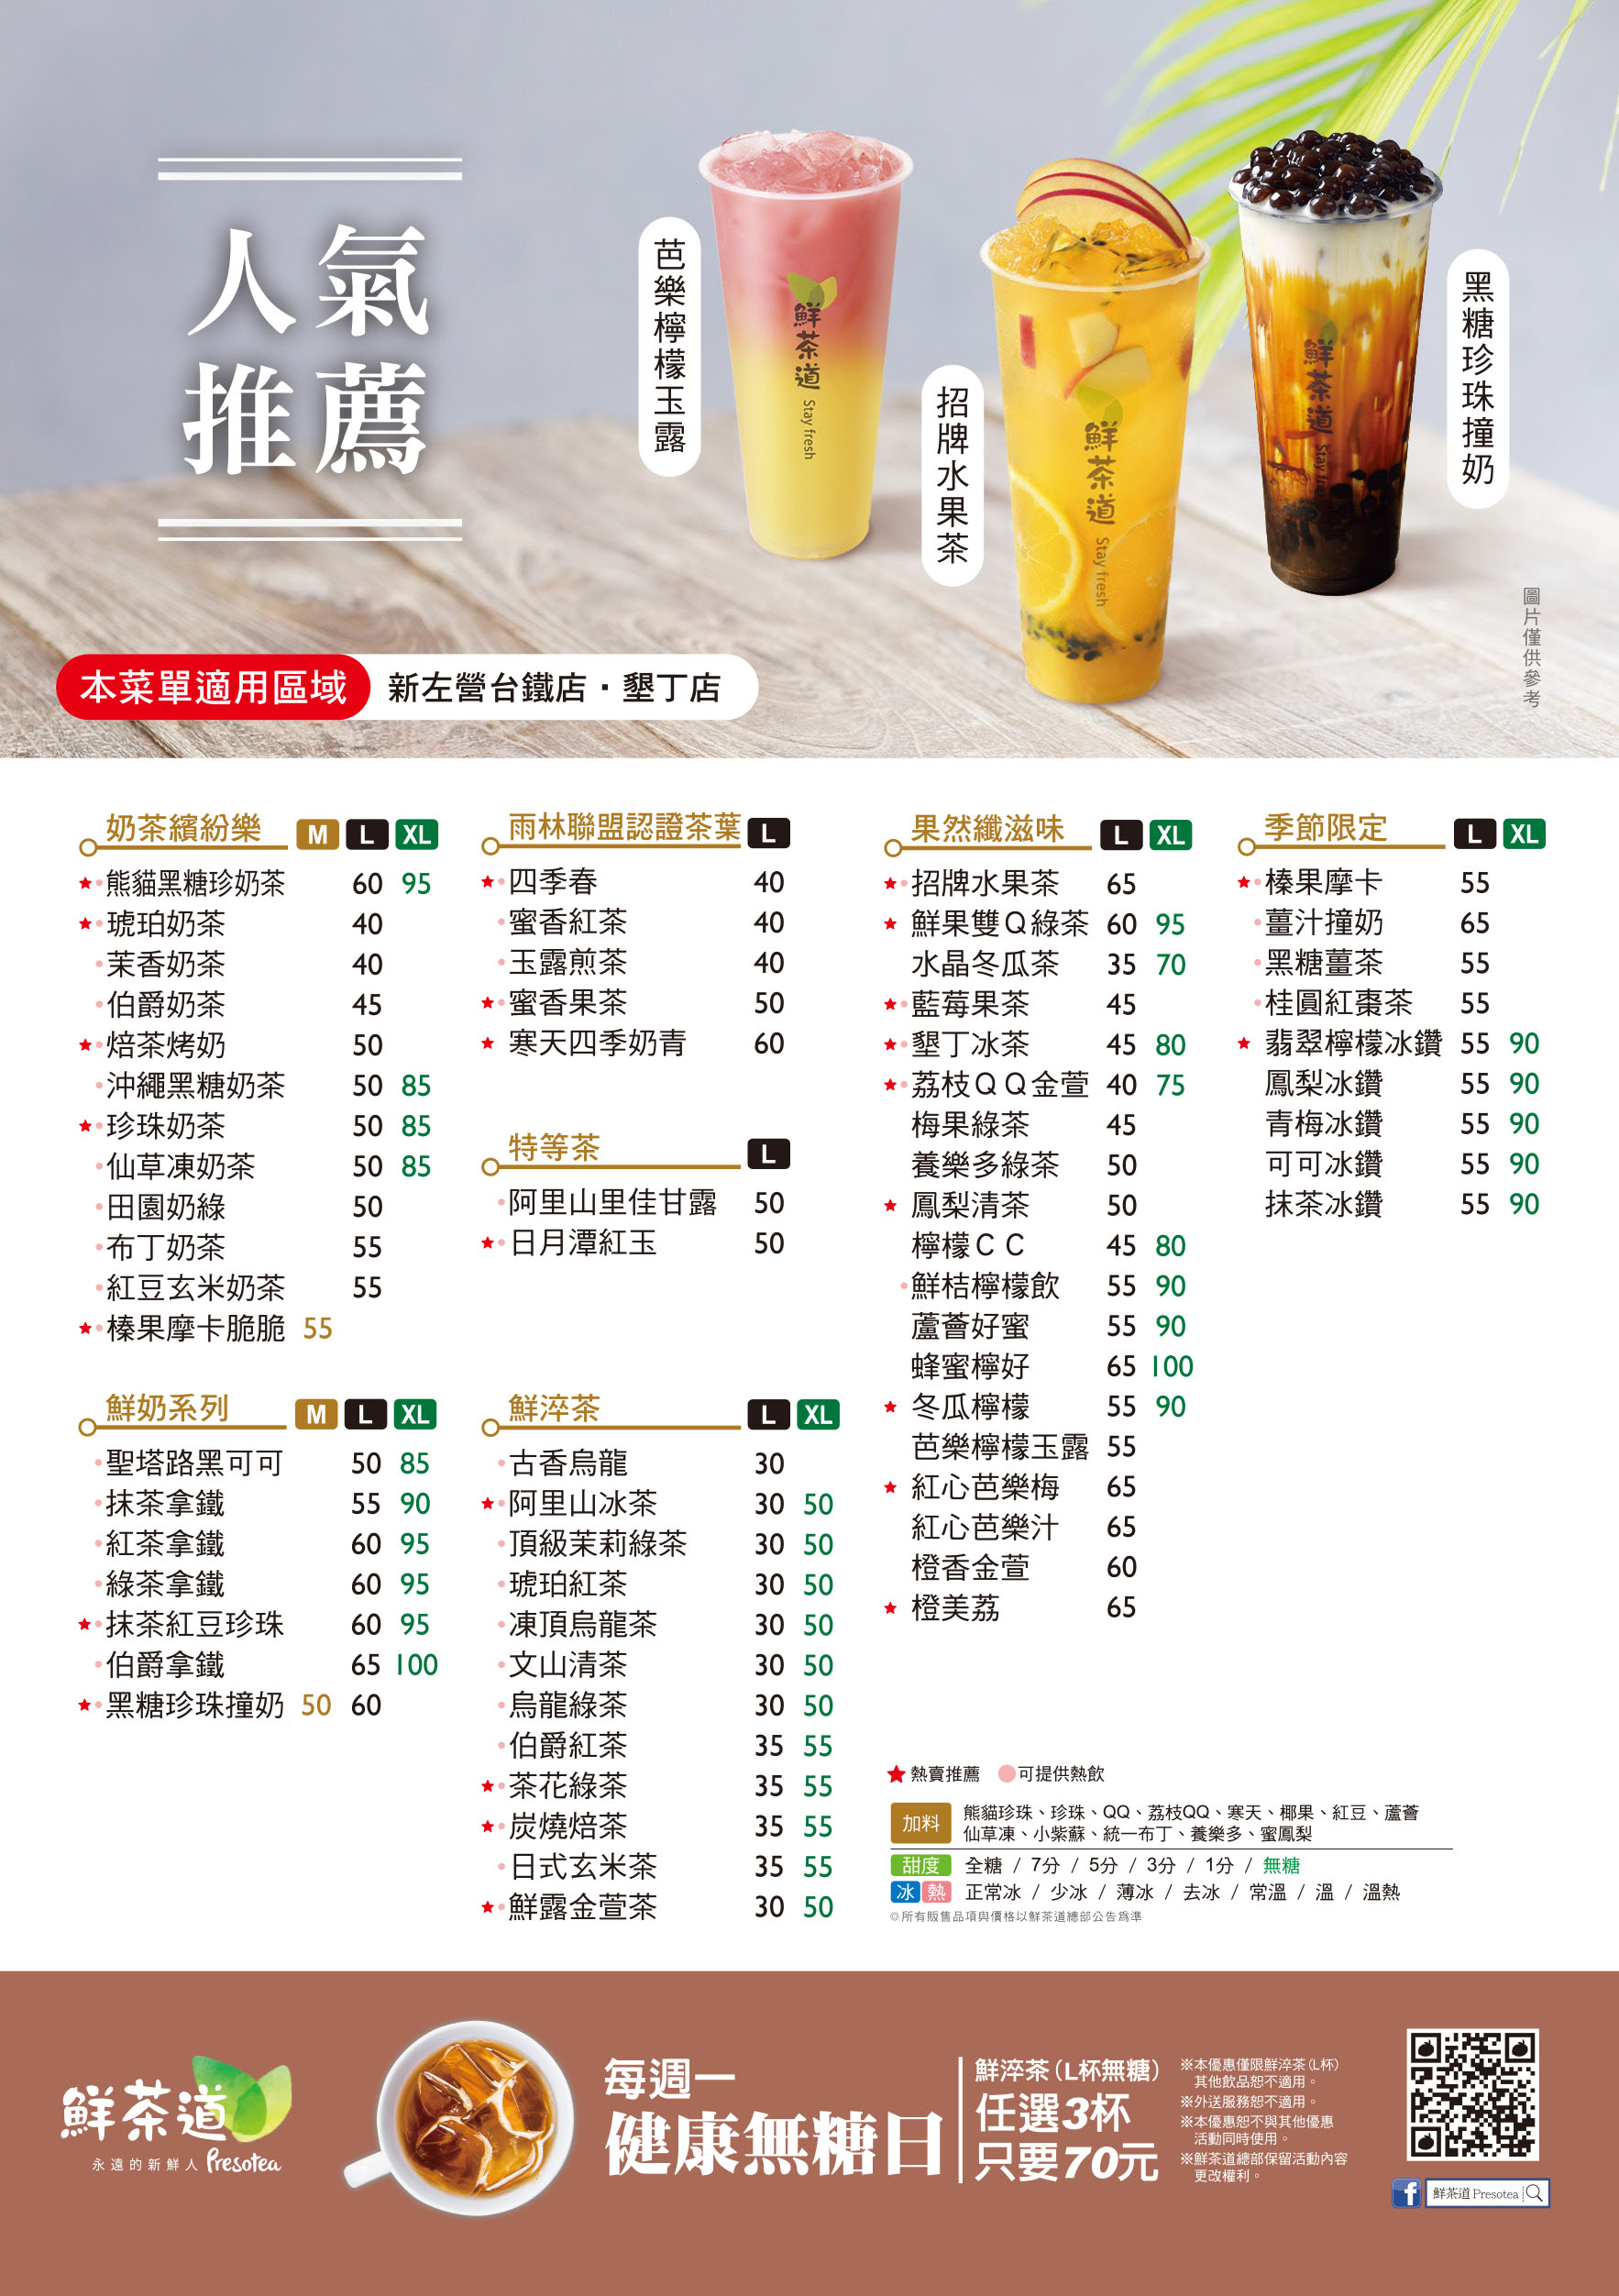 鮮茶道Presotea新左營台鐵店、墾丁店菜單MENU